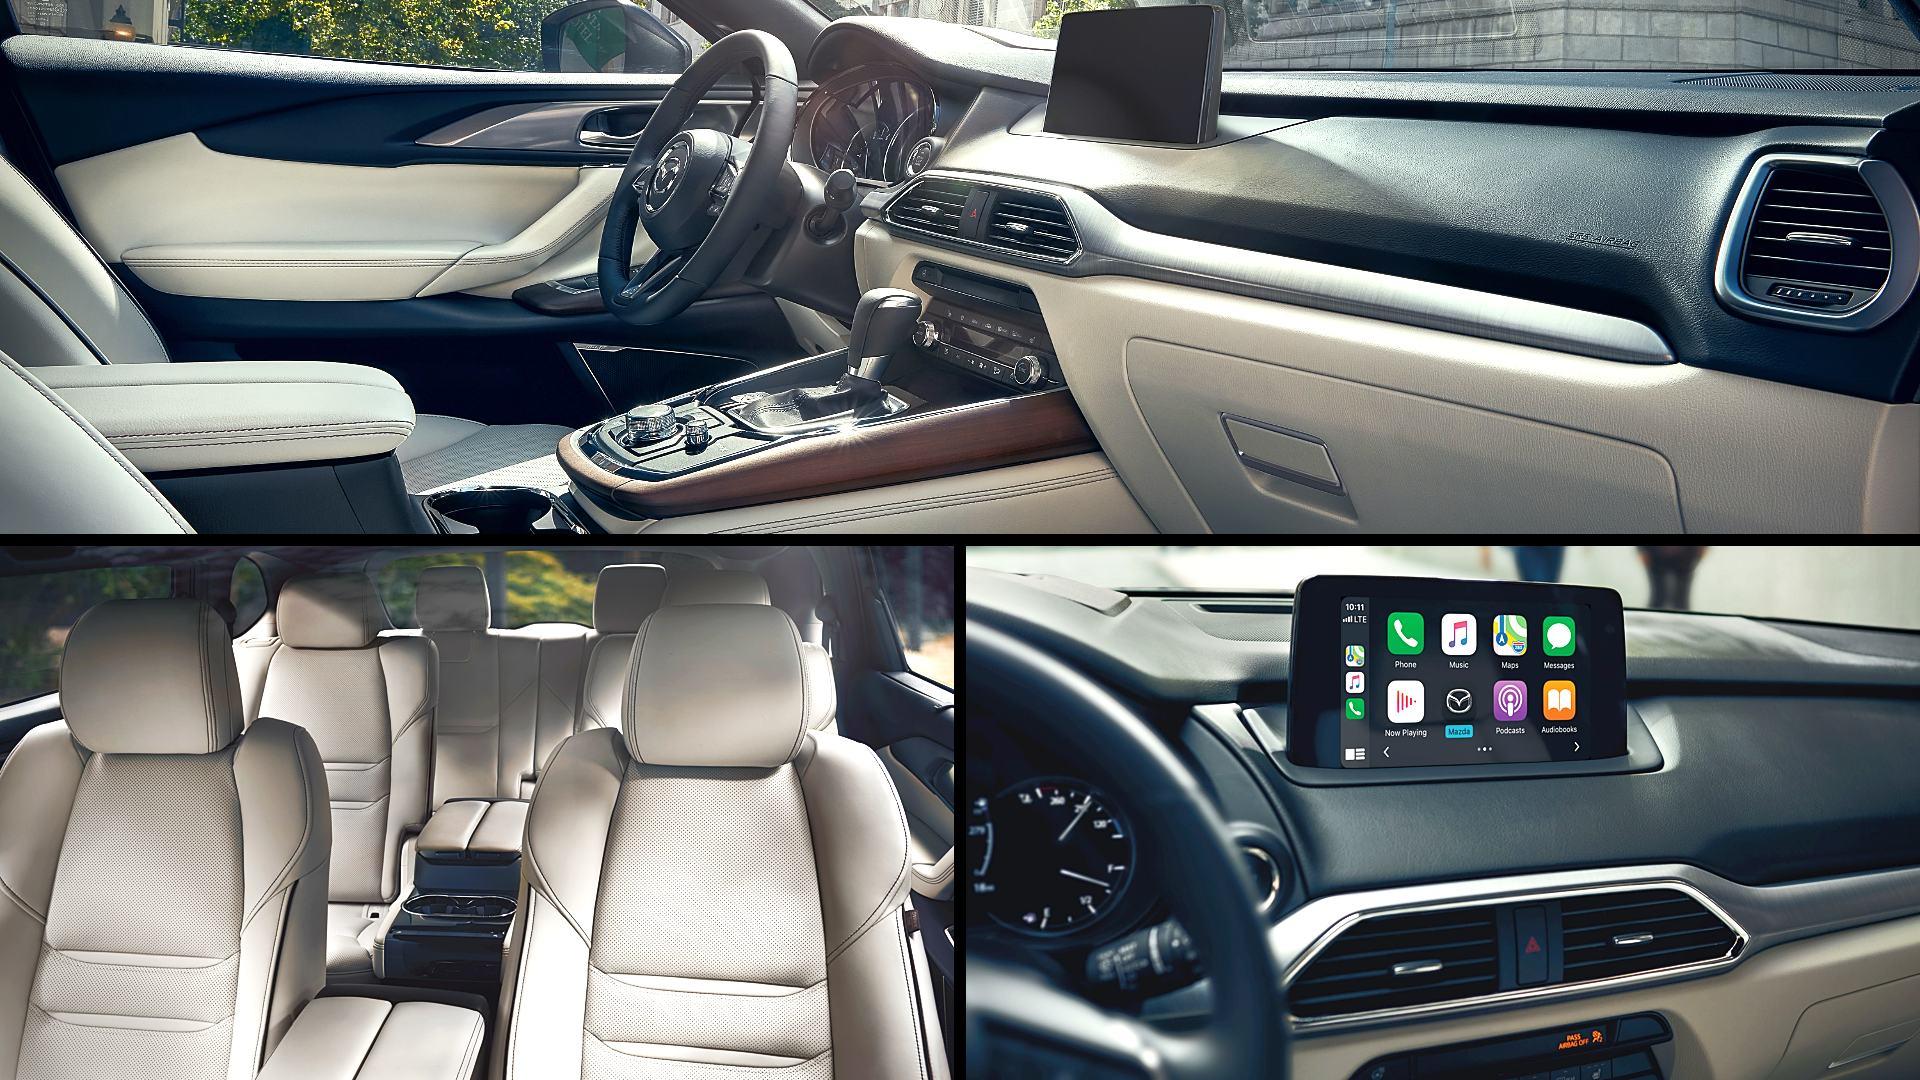 2020 MAZDA CX-9 Grand Touring Interior